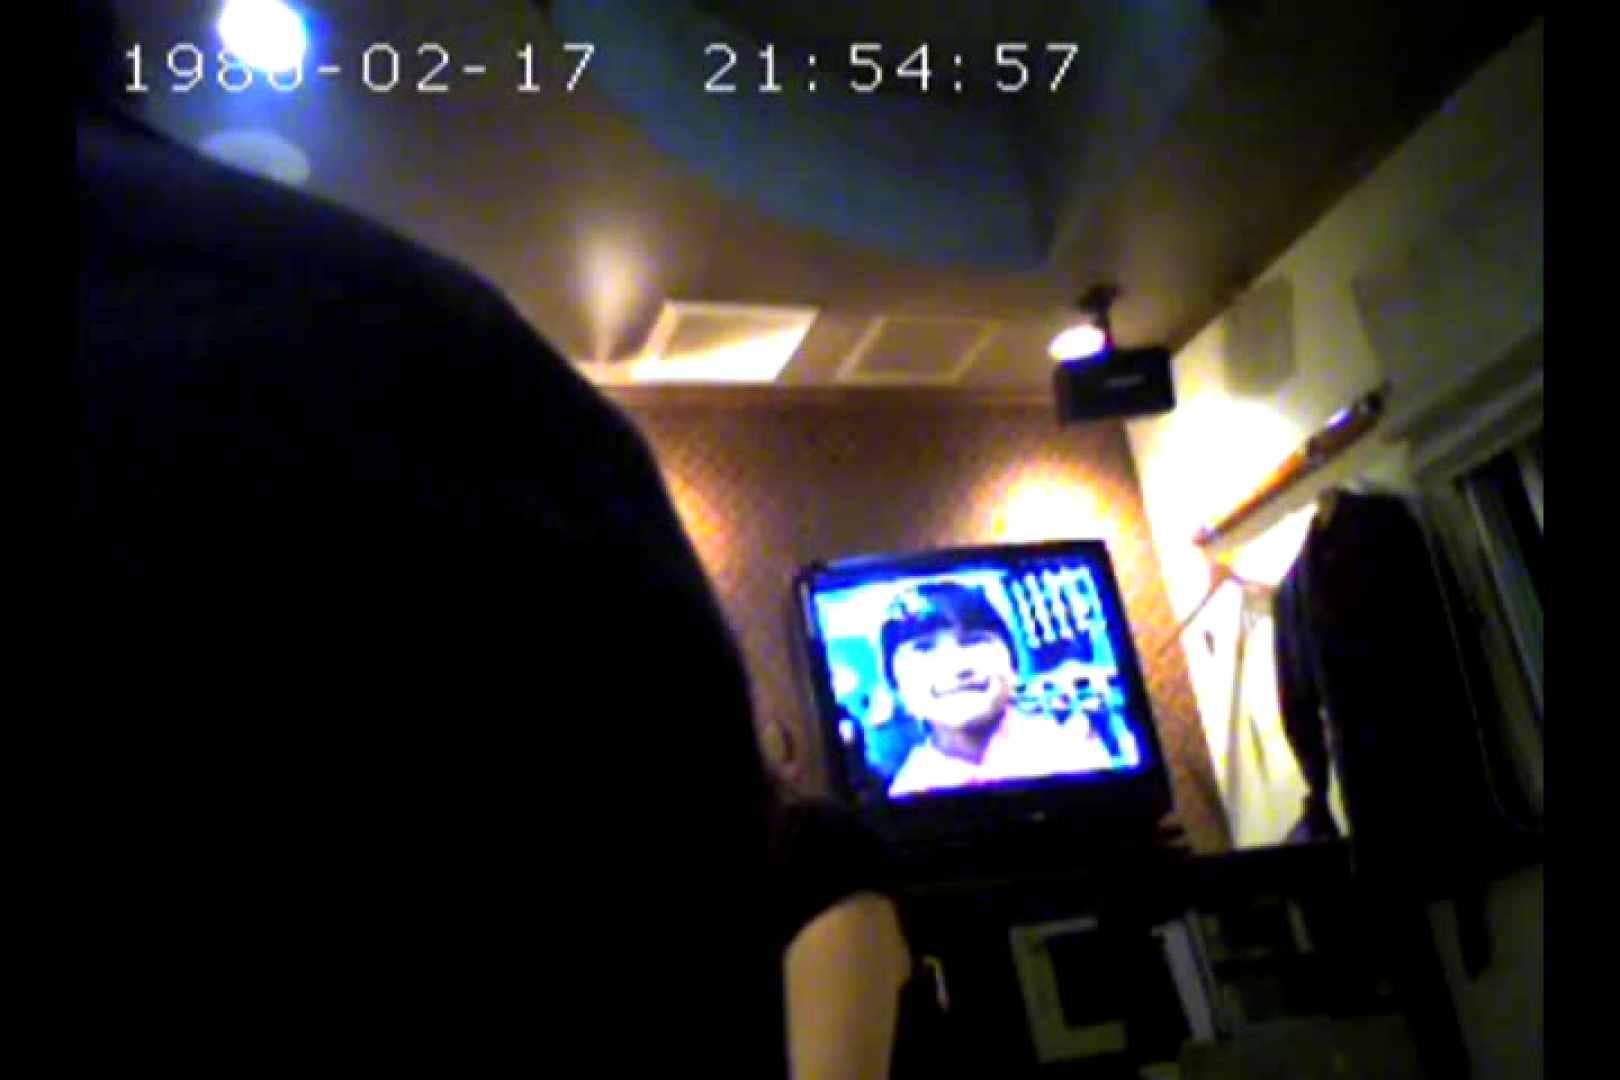 ハメられた女達 vol.04 セックスエロ動画 | ホテルでエッチ  105PIX 31